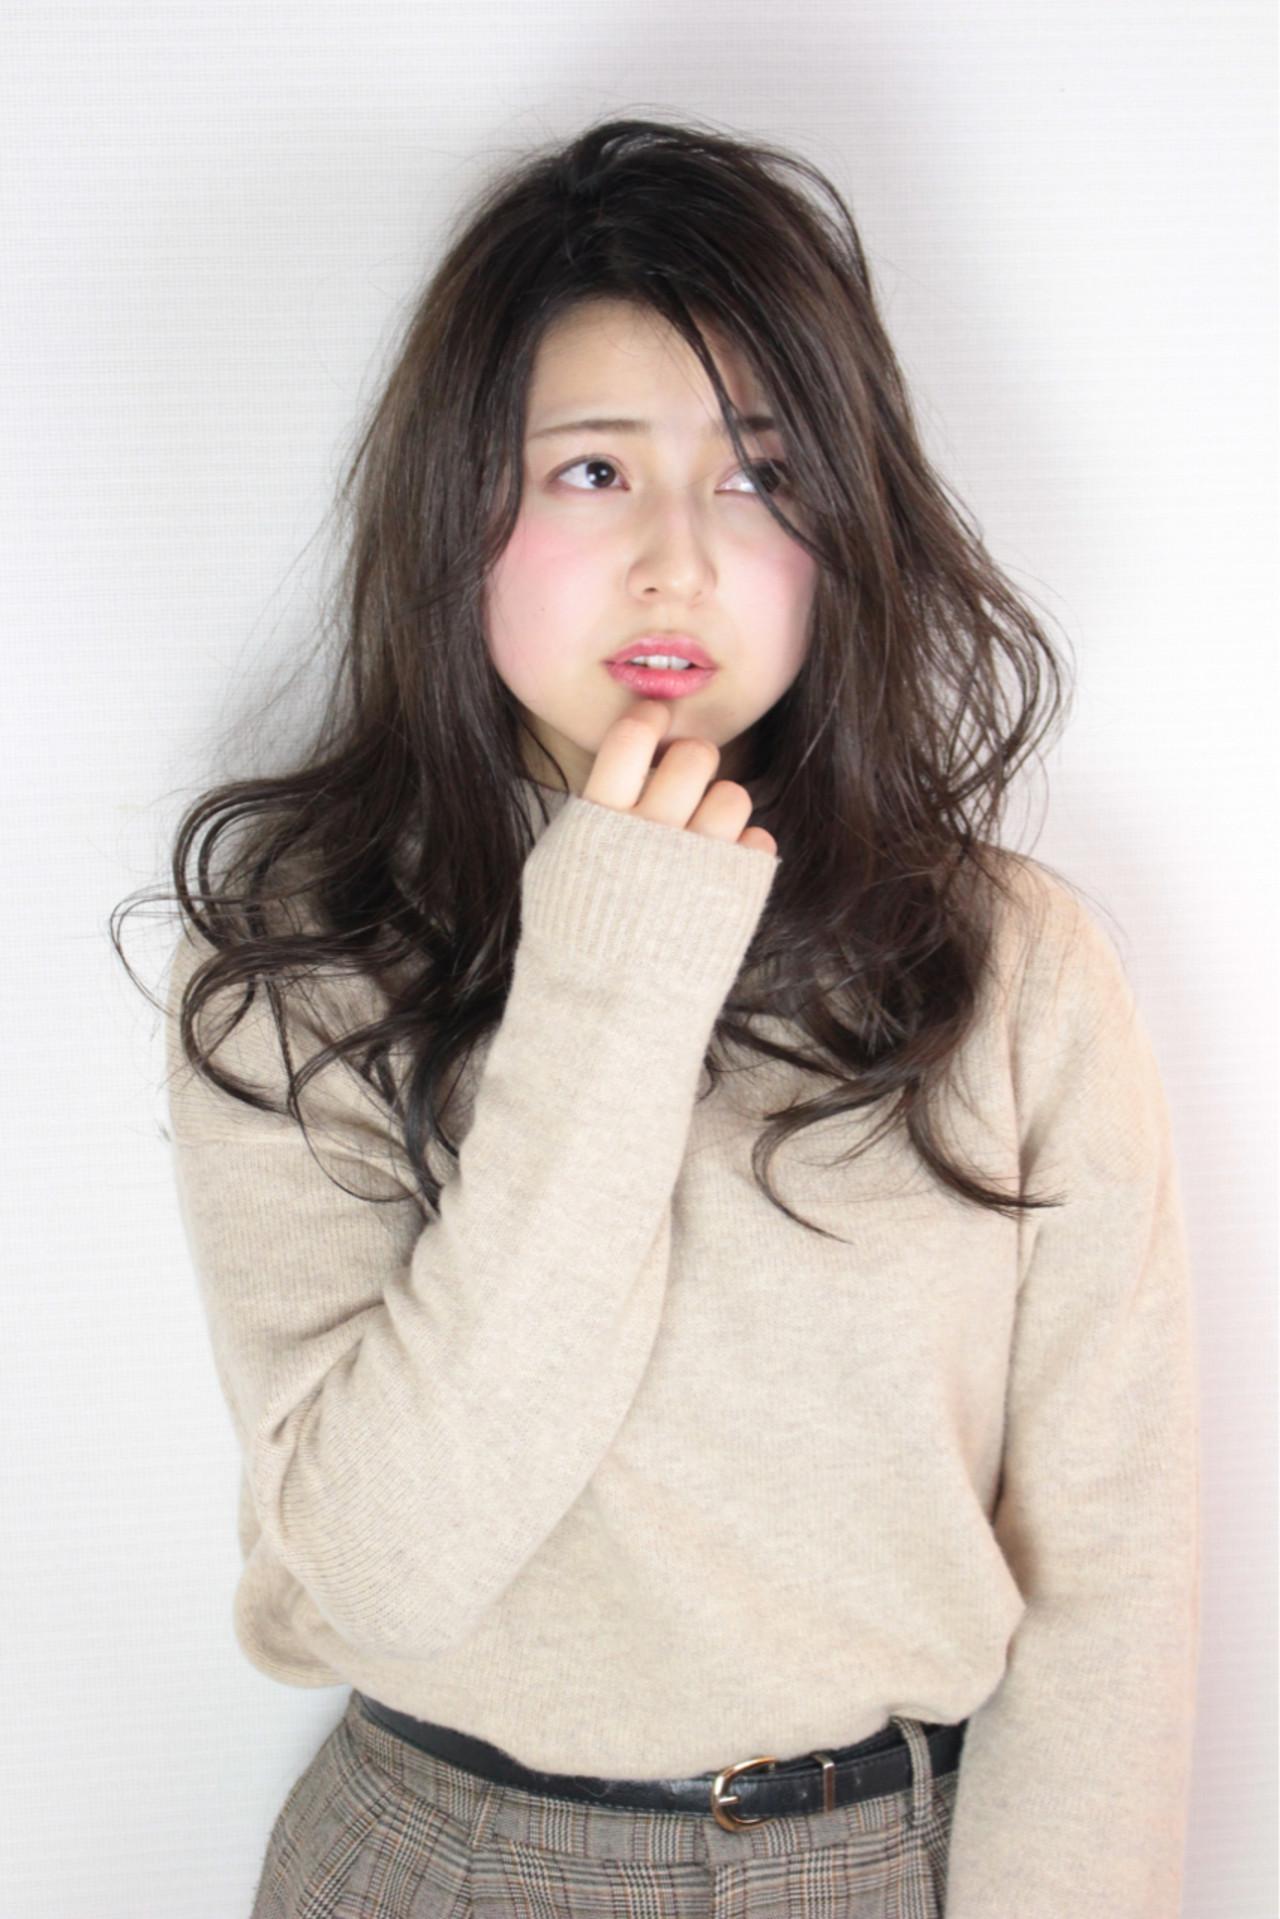 エアリーウェーブなら大人カワイイ♡ 松田 和幸 / K.Y.A. | K.Y.A.(ケイ.ワイ.エー.)